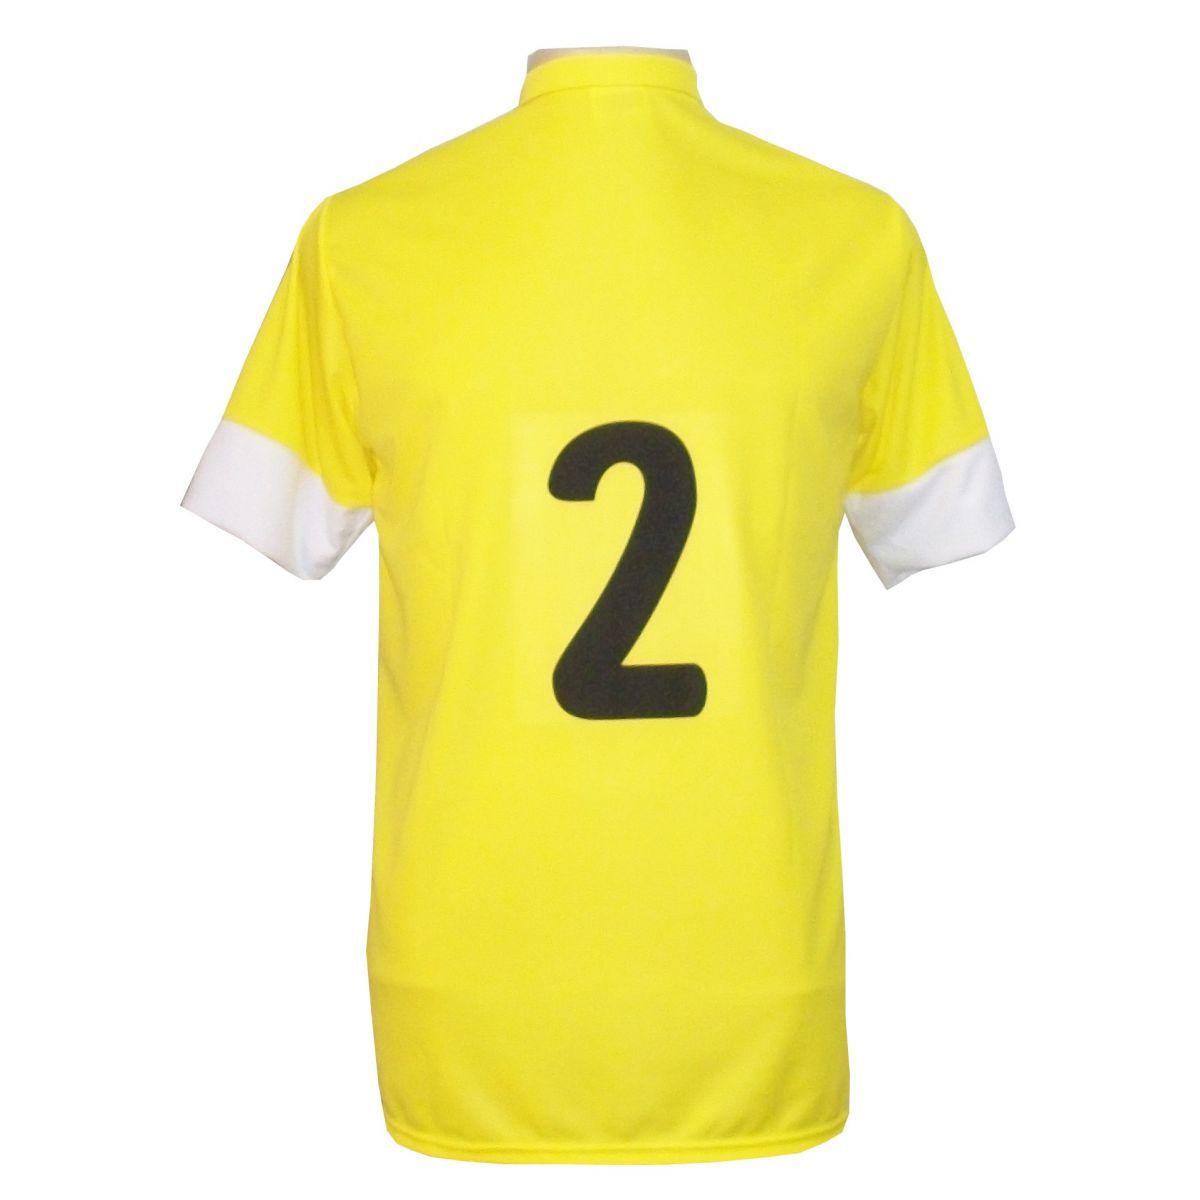 Uniforme Esportivo com 14 camisas modelo Sporting Amarelo/Preto/Branco + 14 calções modelo Madrid Branco + Brindes